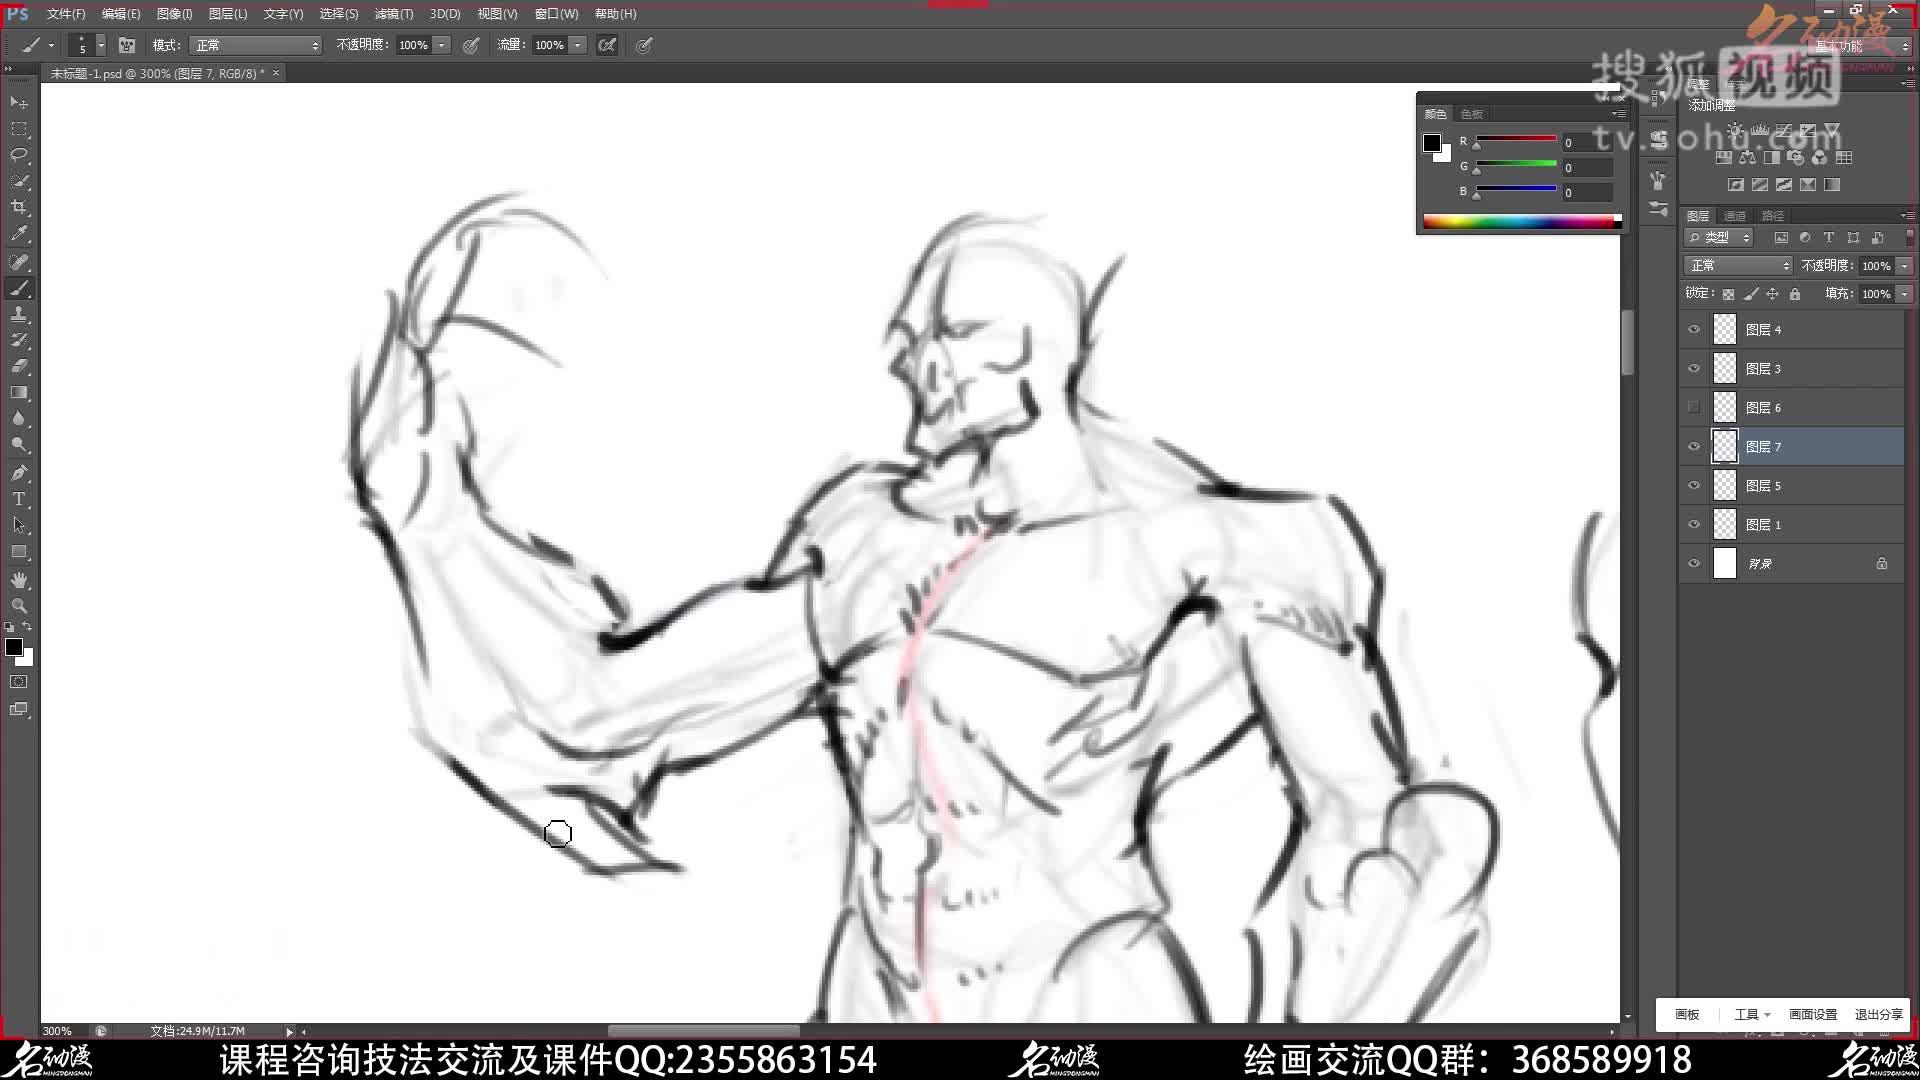 人物速写教程|漫画人物绘画|人体结构透视教程|人物